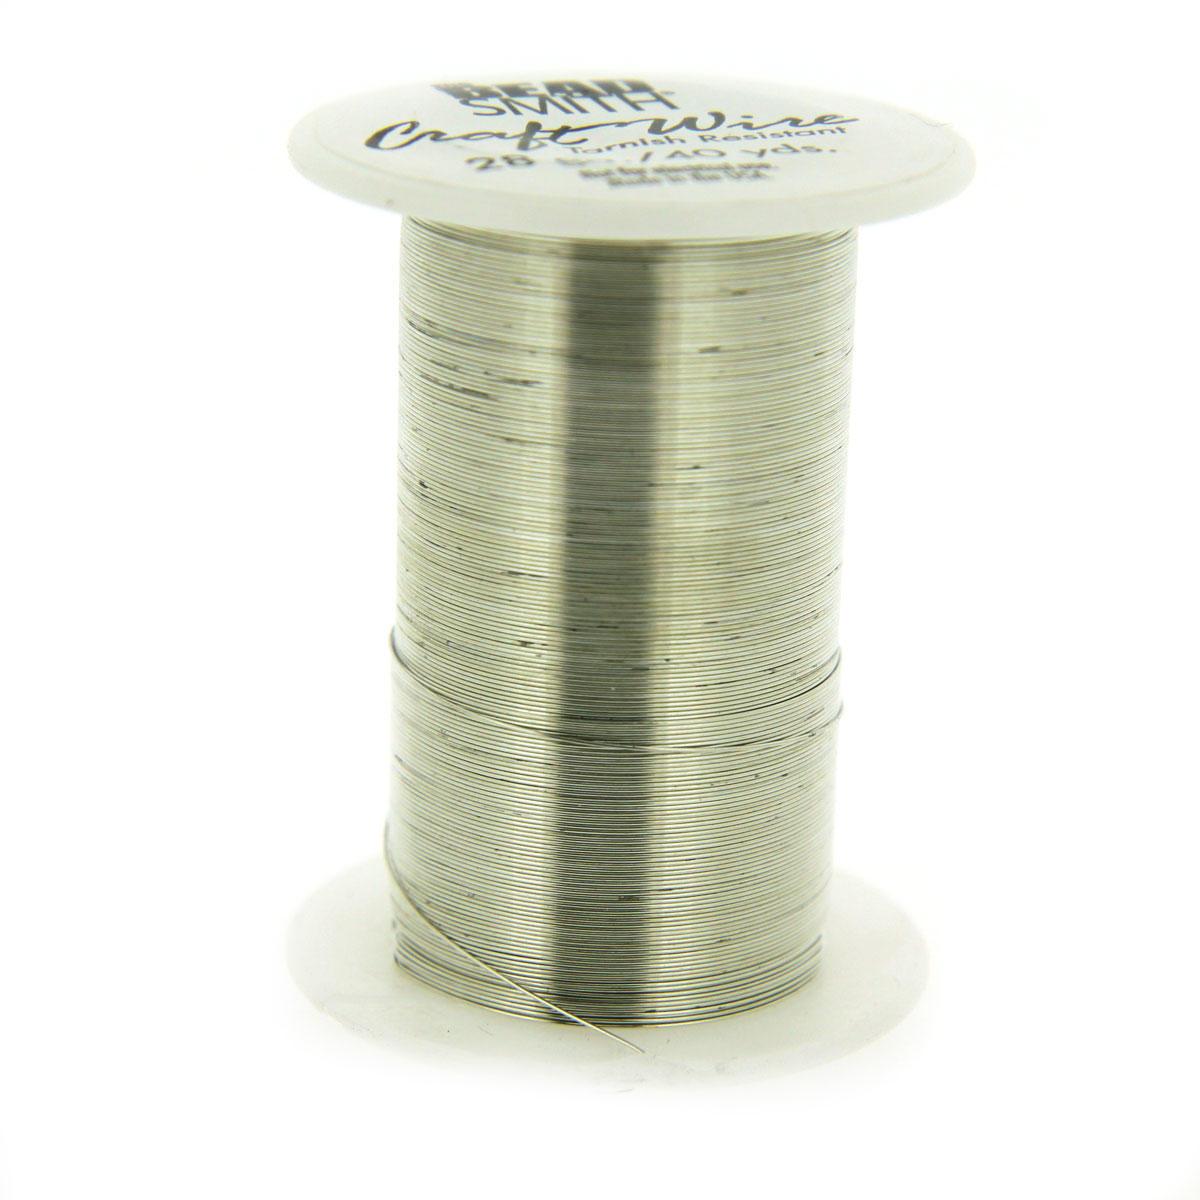 Silver Non Tarnish Craft Wire